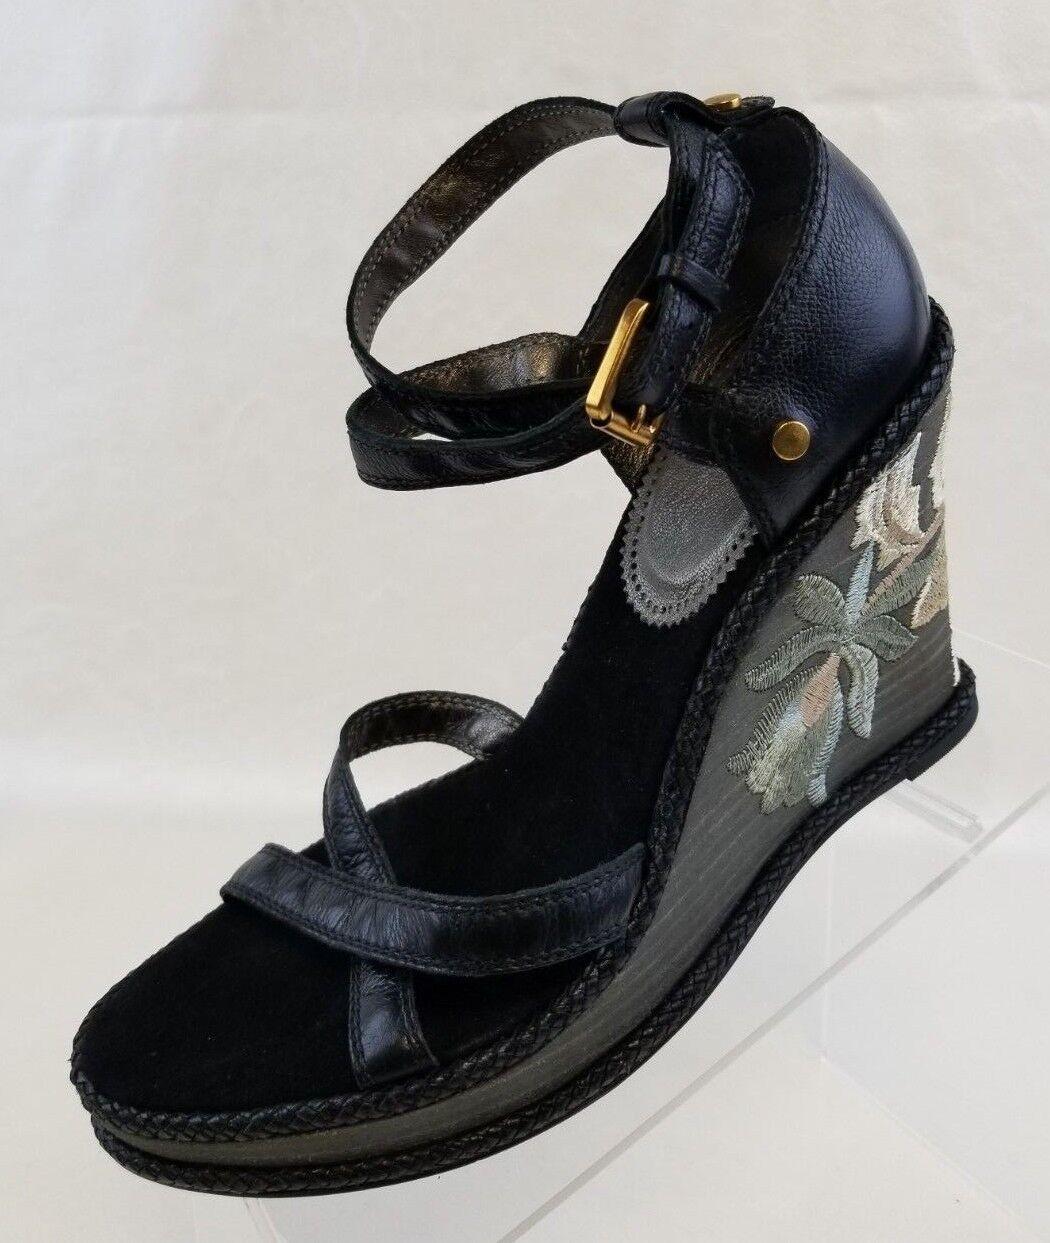 J Vincent Wedge Platform Embroidery Floral Braun Leder Ankle Strap Schuhes Sz 8